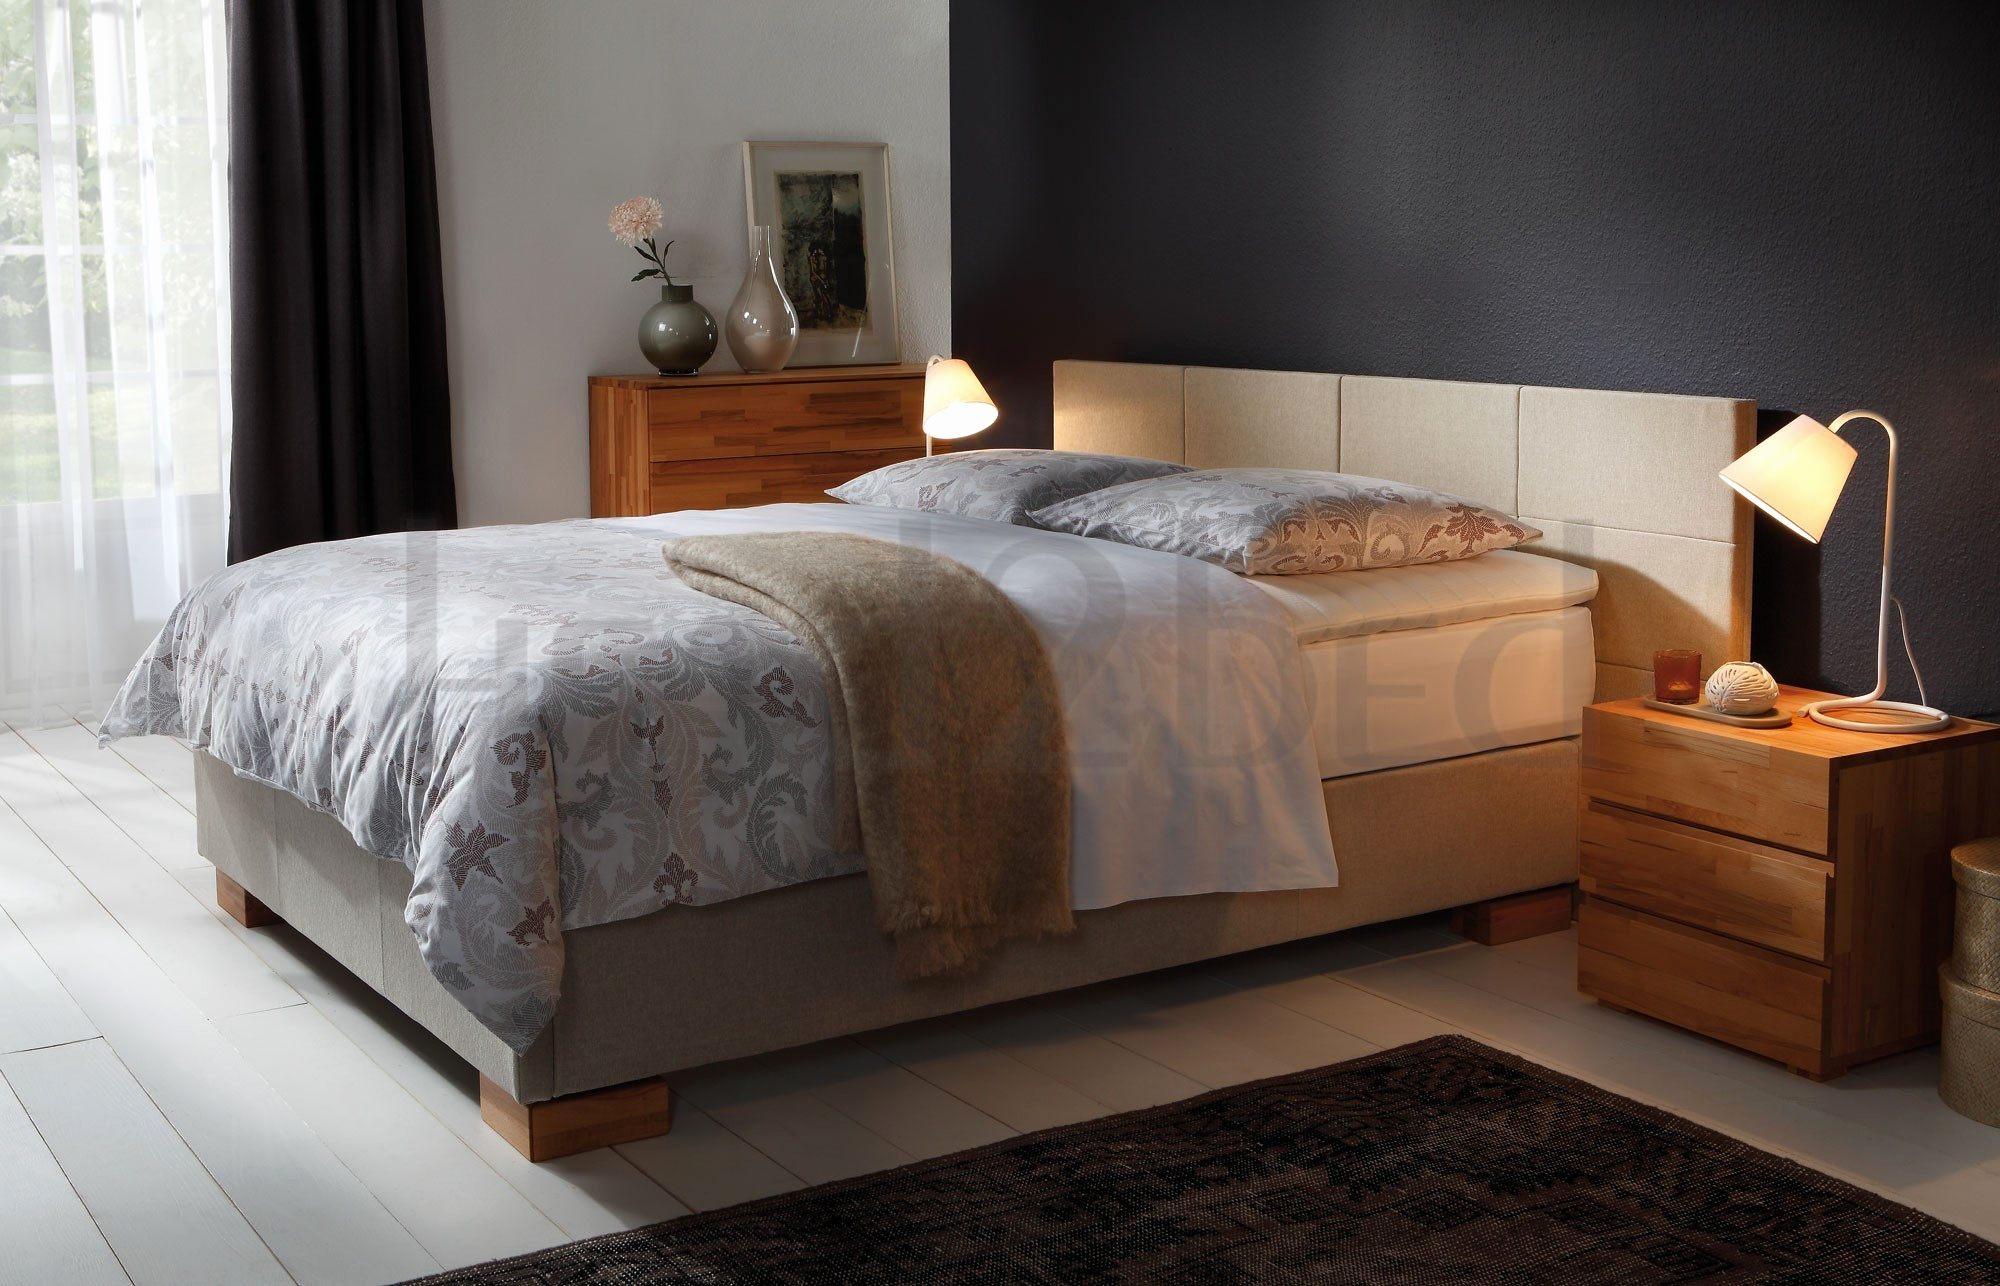 Tete De Lit 160×200 Frais Tete De Lit 160 Design Beau Lit Design Cuir Inspirant Lit Design